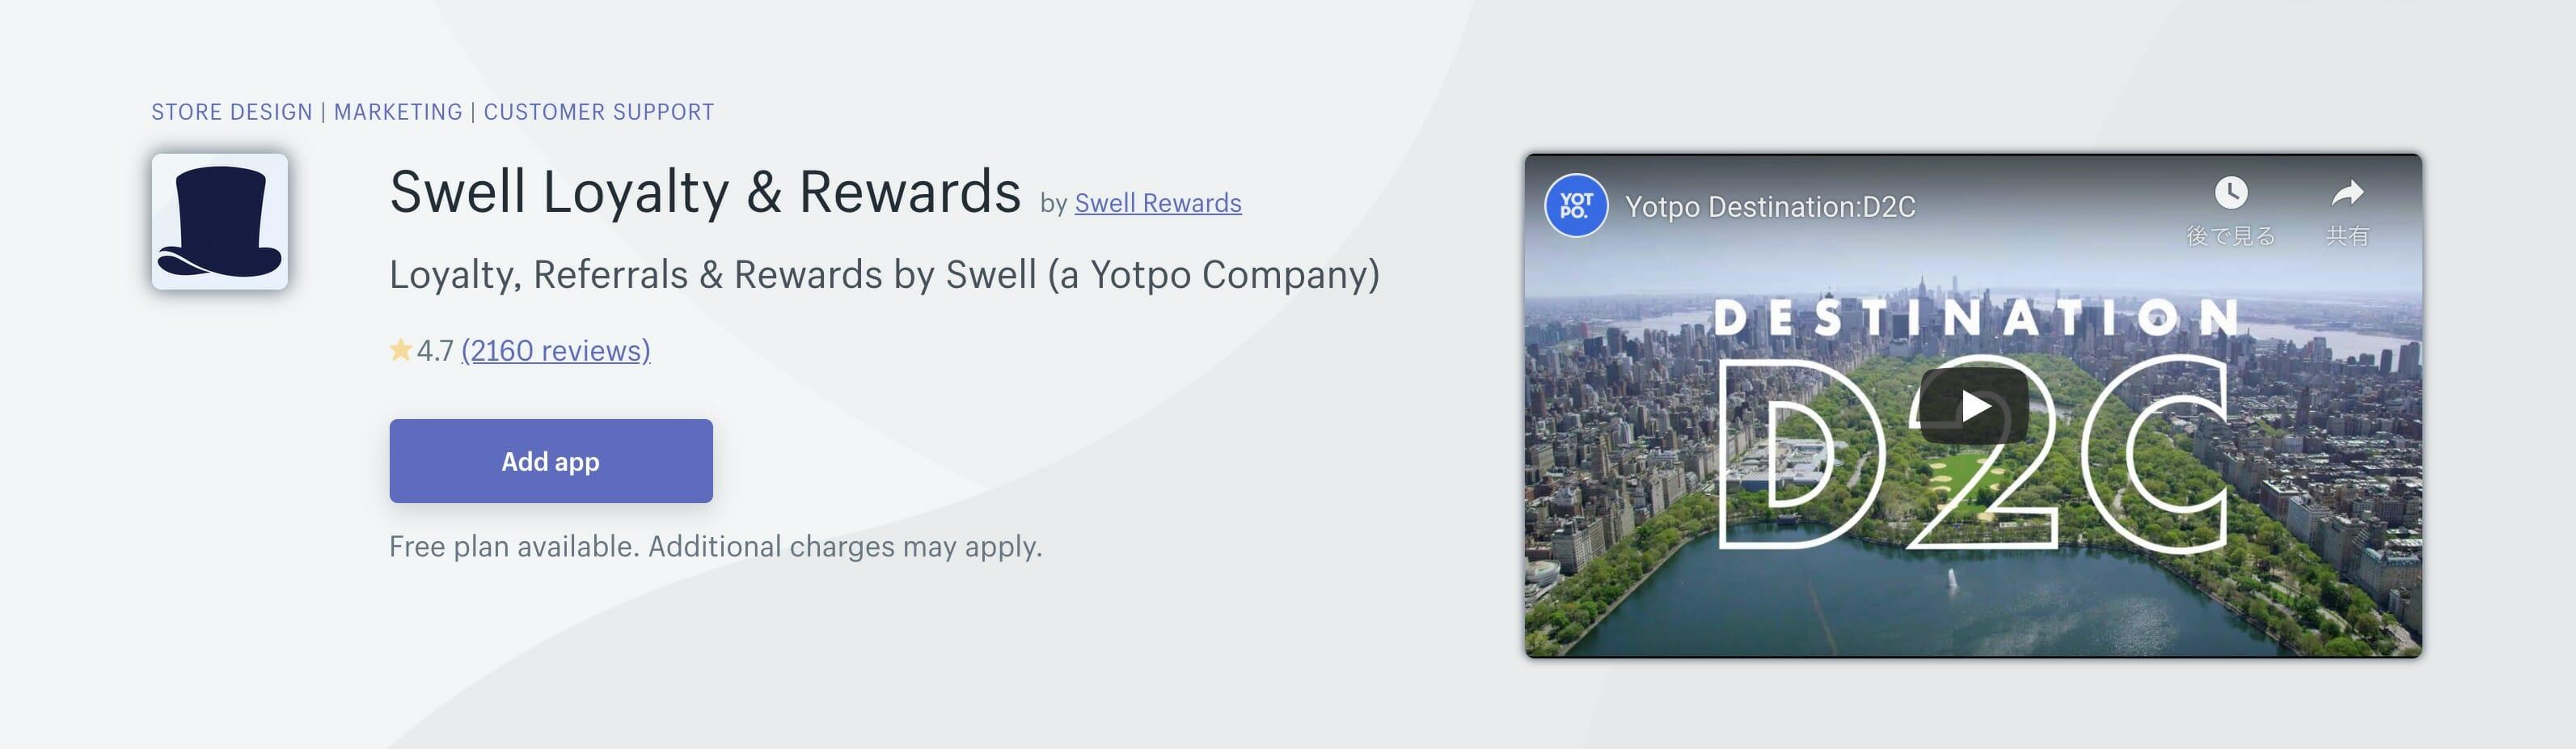 Swell_Loyalty_Rewards